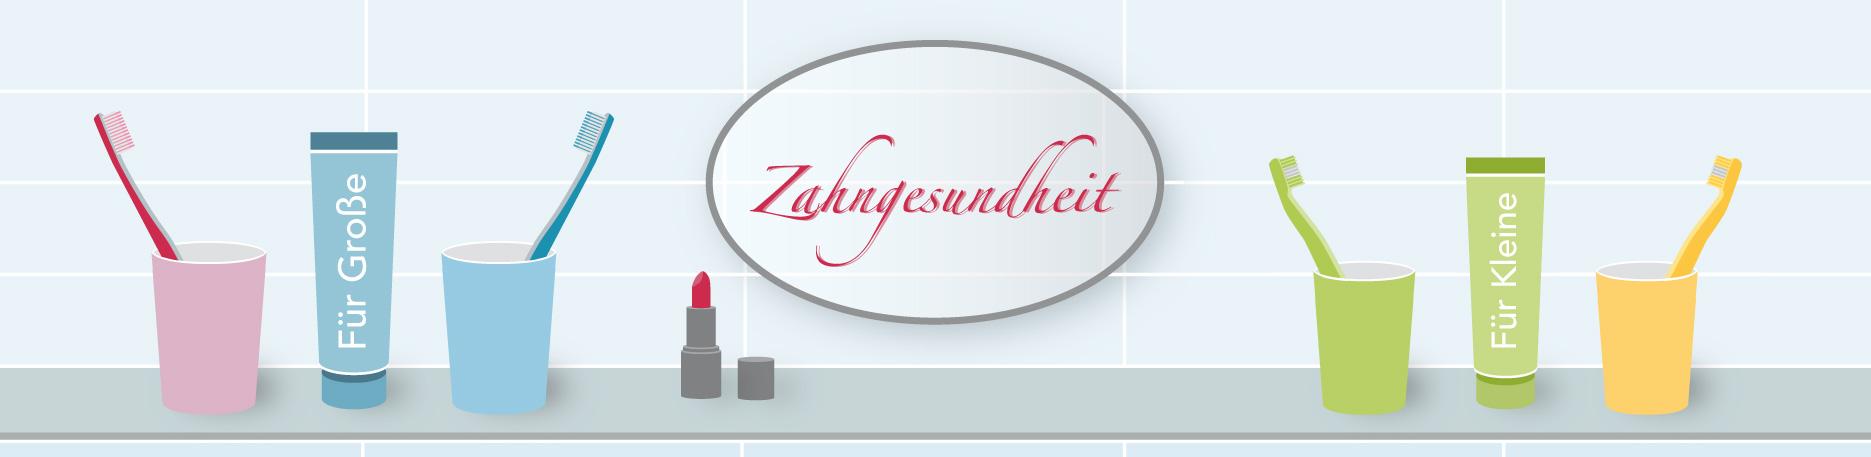 Titelbild der Seite Behandlung von Angstpatienten - Zahnarztpraxis im Zerbster Zentrum - Zahnarzt Dr. med. Bernd Lux